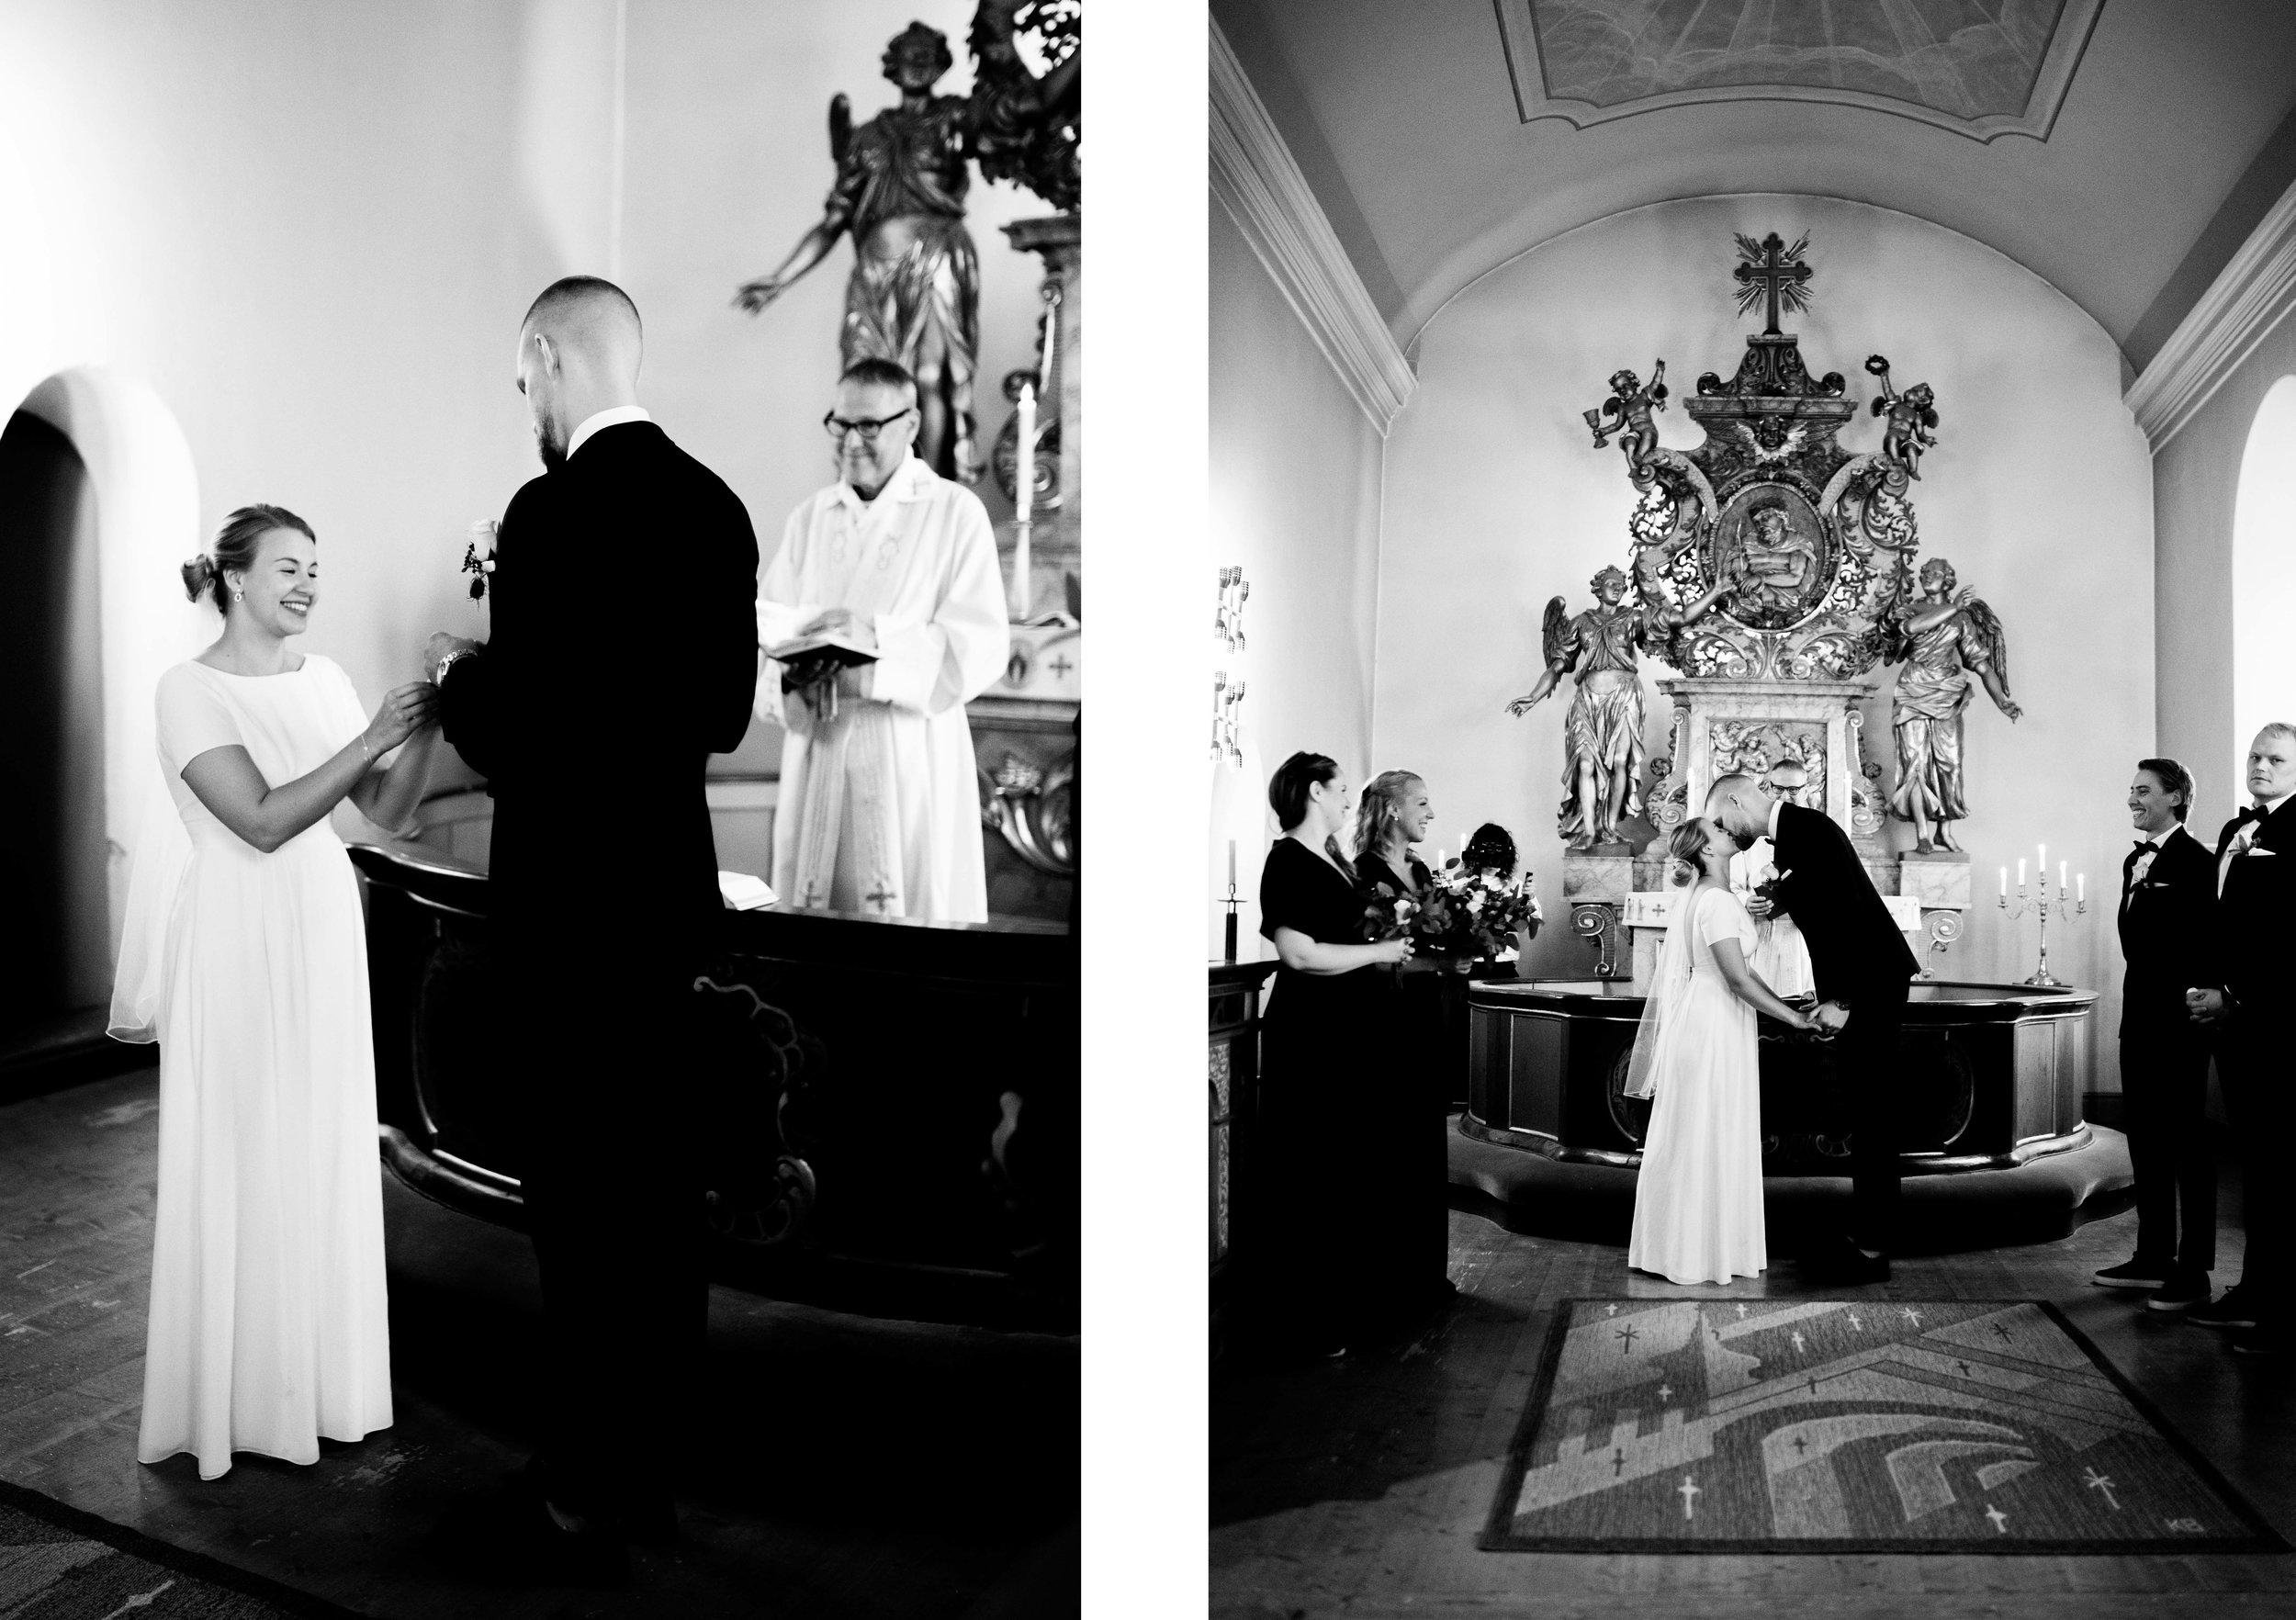 blogg två i en kyrka.jpg